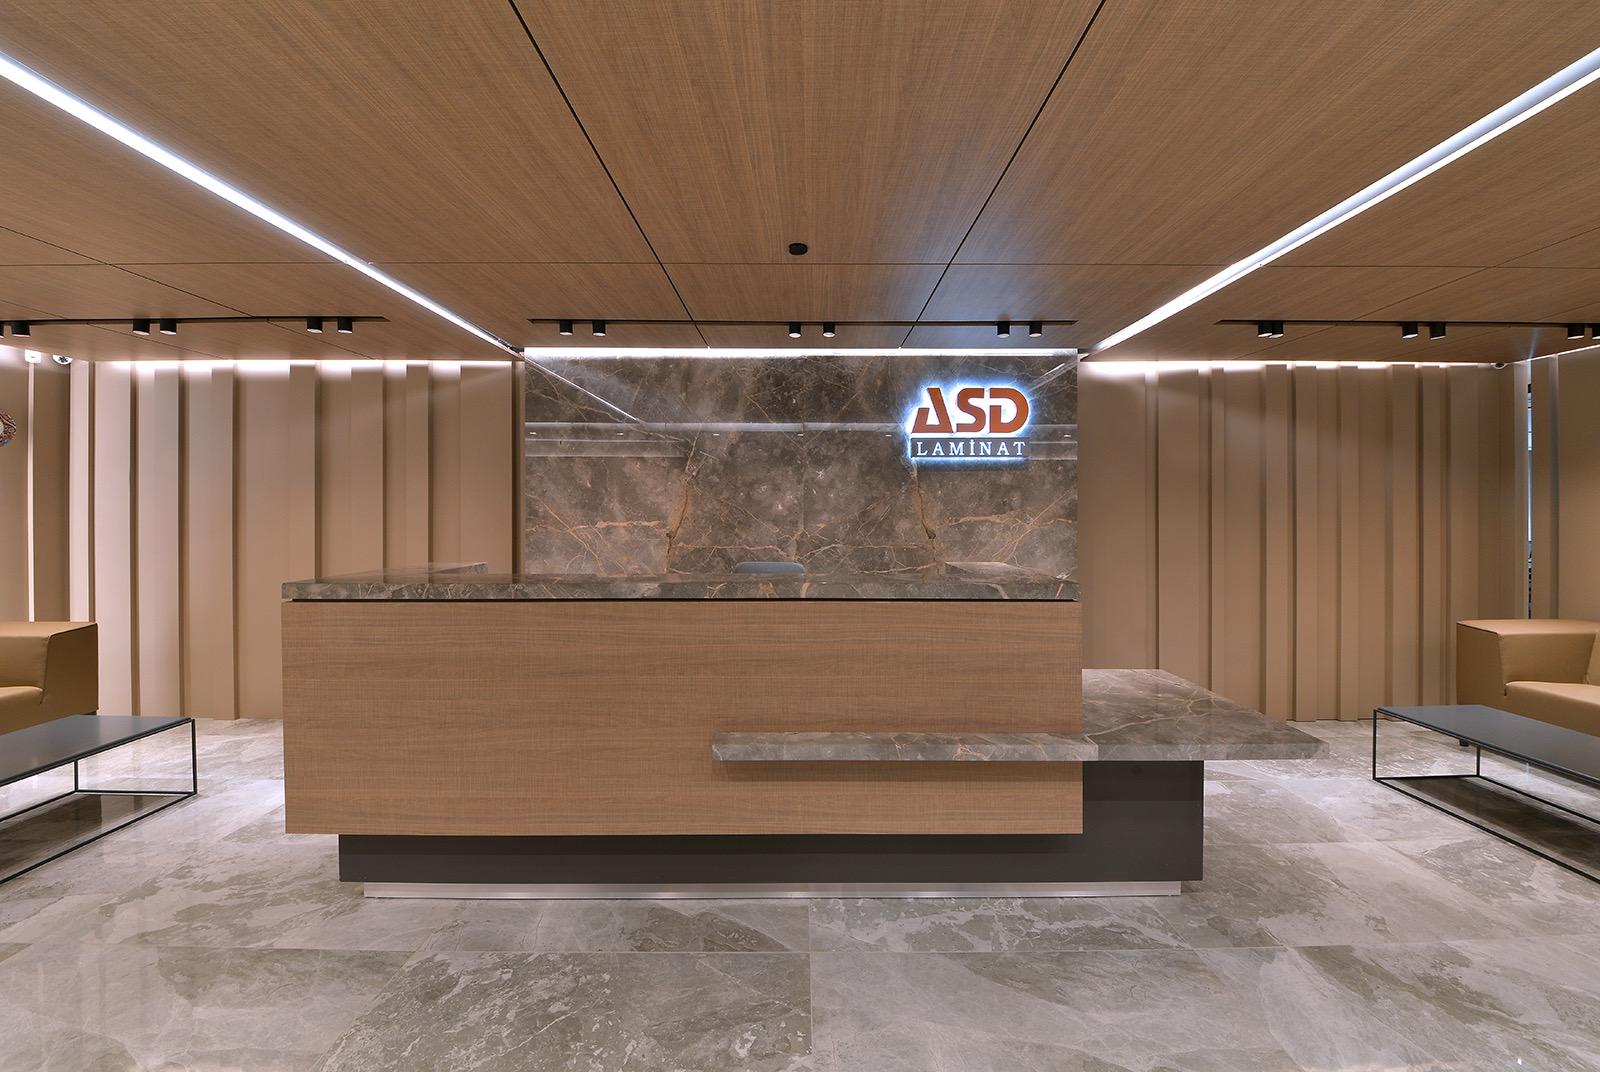 asd-office-istanbul-4